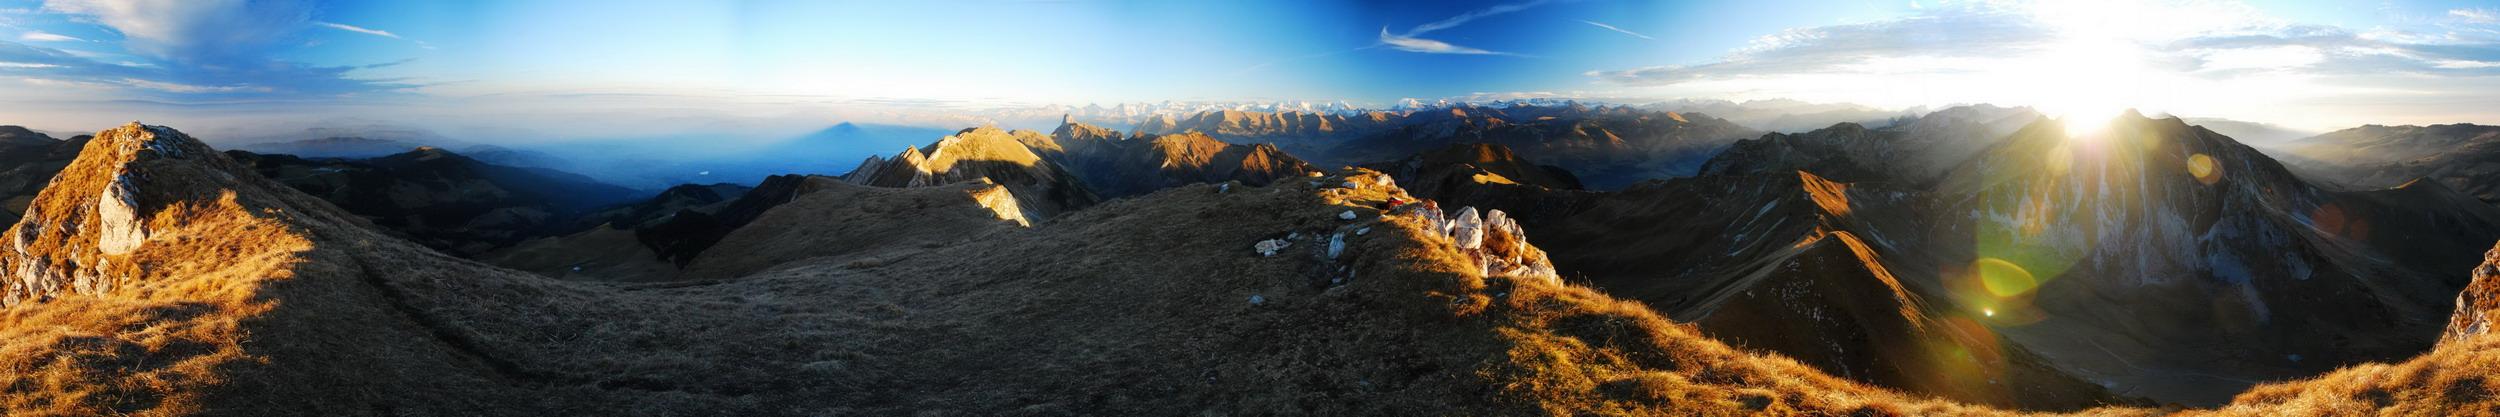 Sonnenuntergang Gantrisch 360°